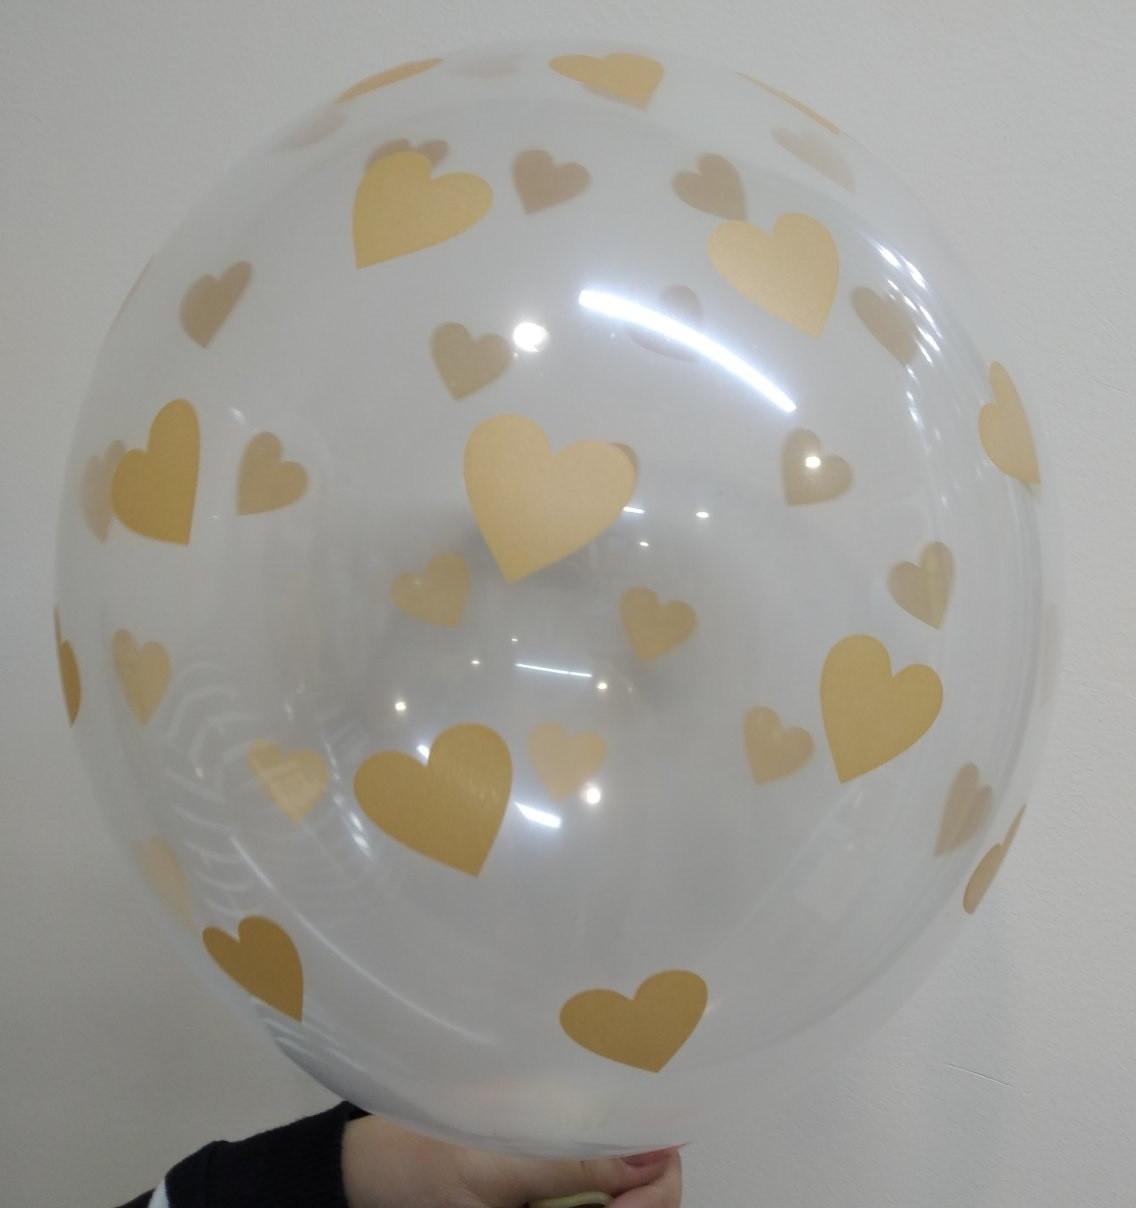 """Воздушный  шар прозрачный  с сердечками розовое золото  12"""" 30 см ( поштучно ) Бельгия  Bel bal"""